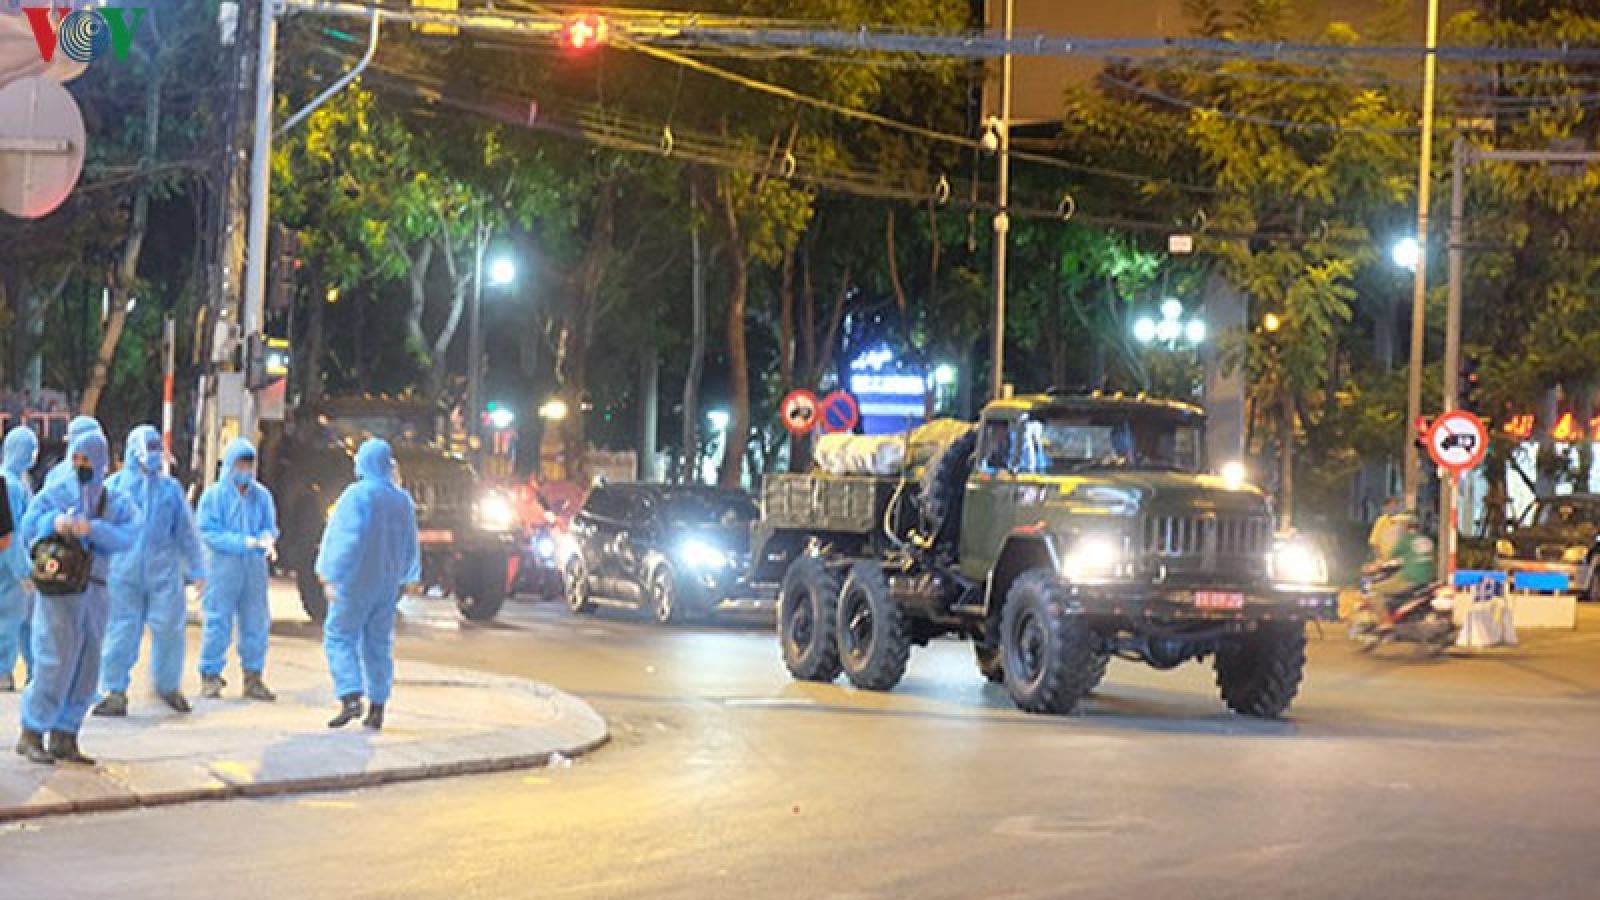 Quân đội khử trùng khu vực phong tỏa ở Đà Nẵng